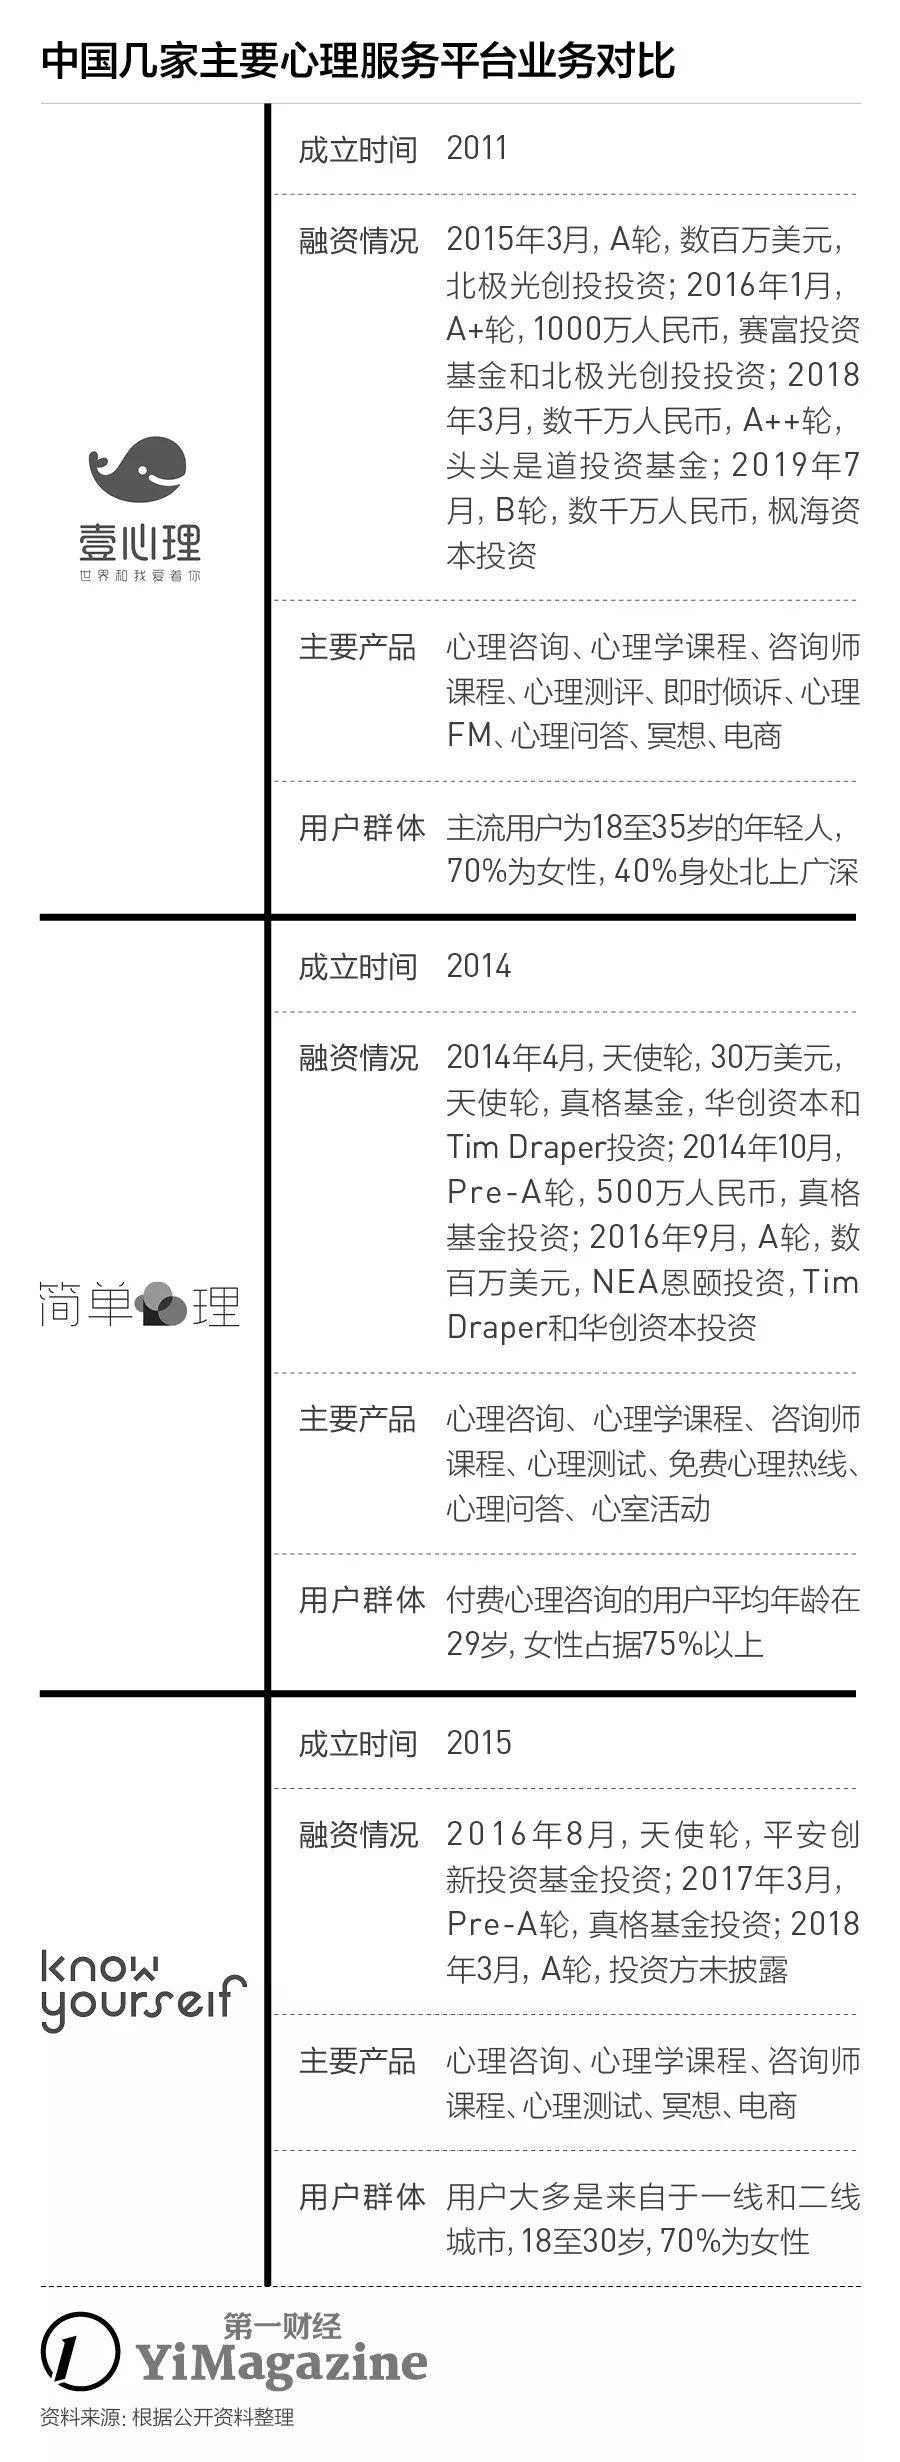 新普京网投app怎么下载·后宫大戏+权贵相争,好久没有看到这么高能的日剧